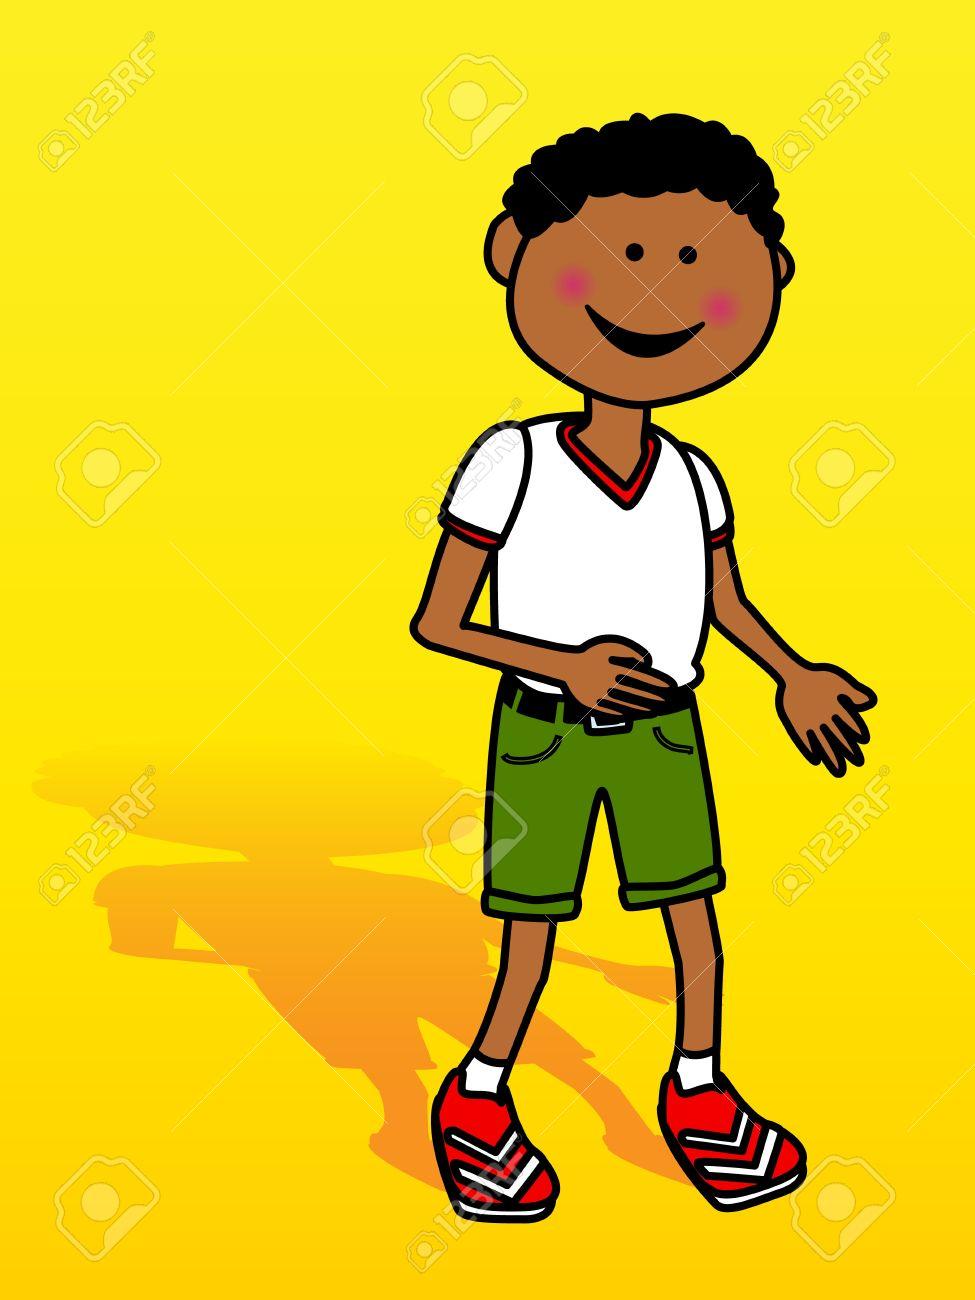 Little Black Boy Clipart Images.